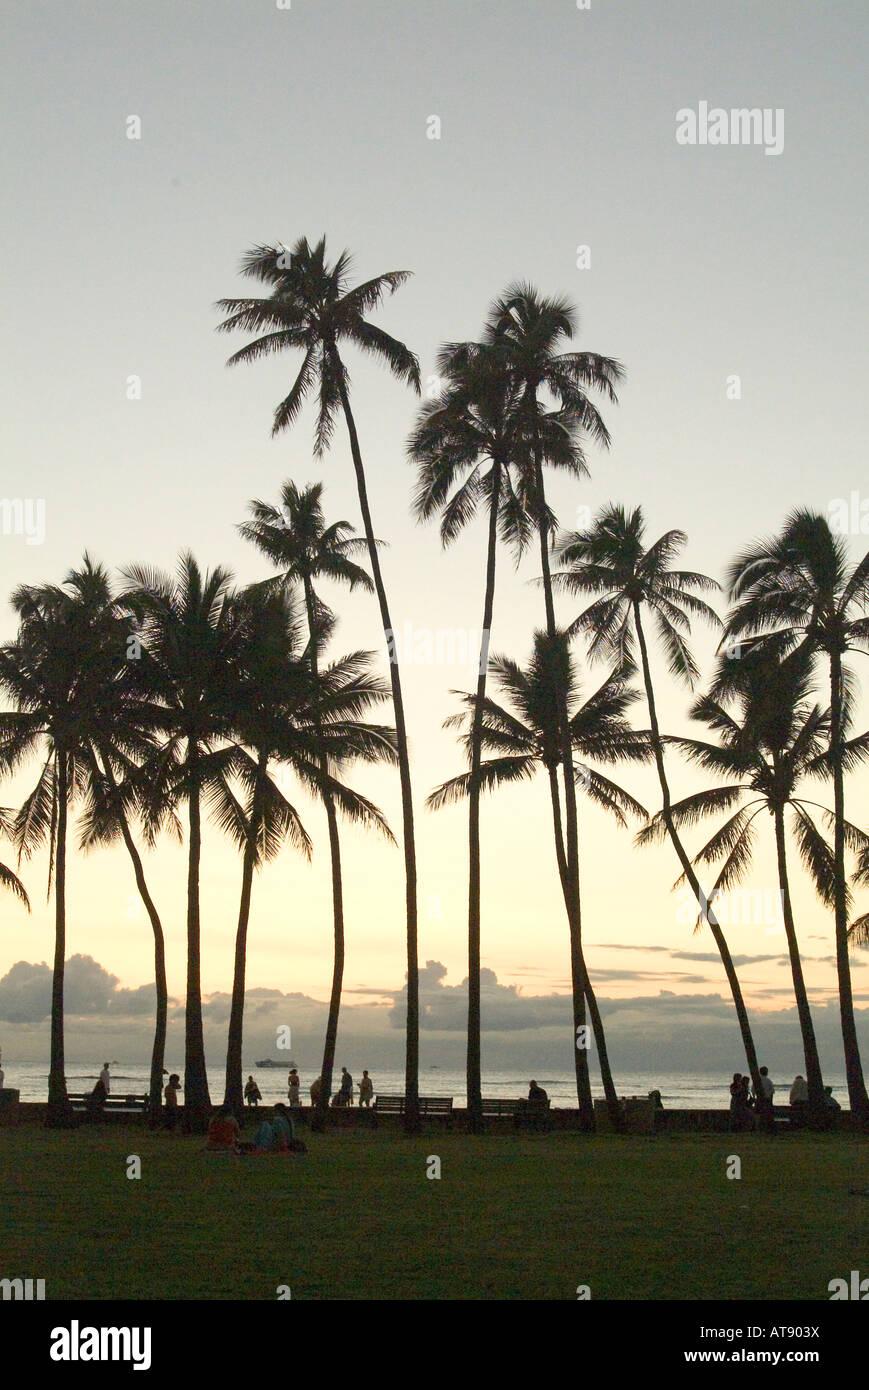 Tall palm trees at sunset, San Souci beach, also known as Kaimana beach, near Kapiolani park, Waikiki Stock Photo